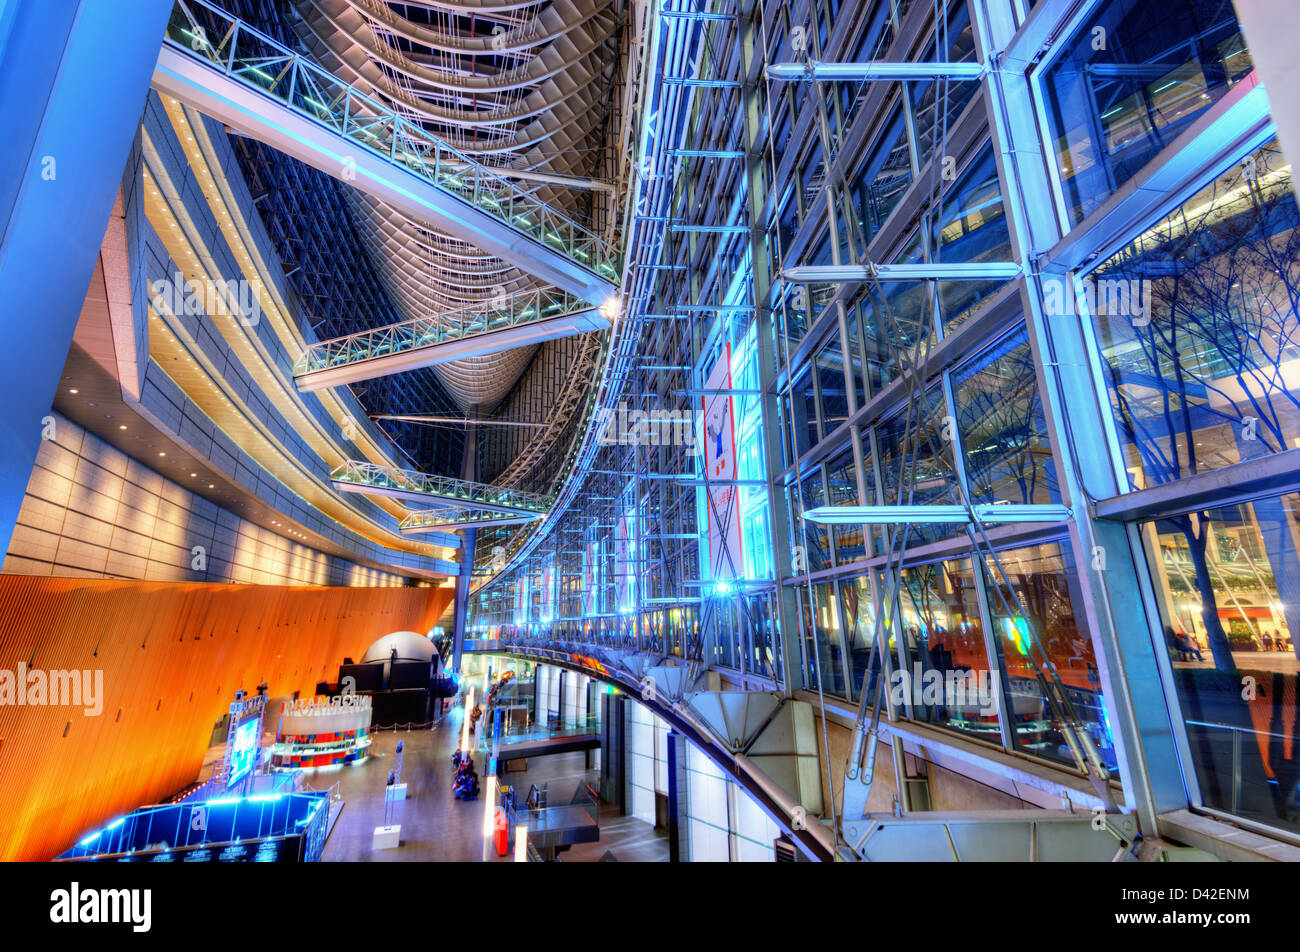 Forum internazionale nel quartiere di Ginza di Tokyo, Giappone. Immagini Stock